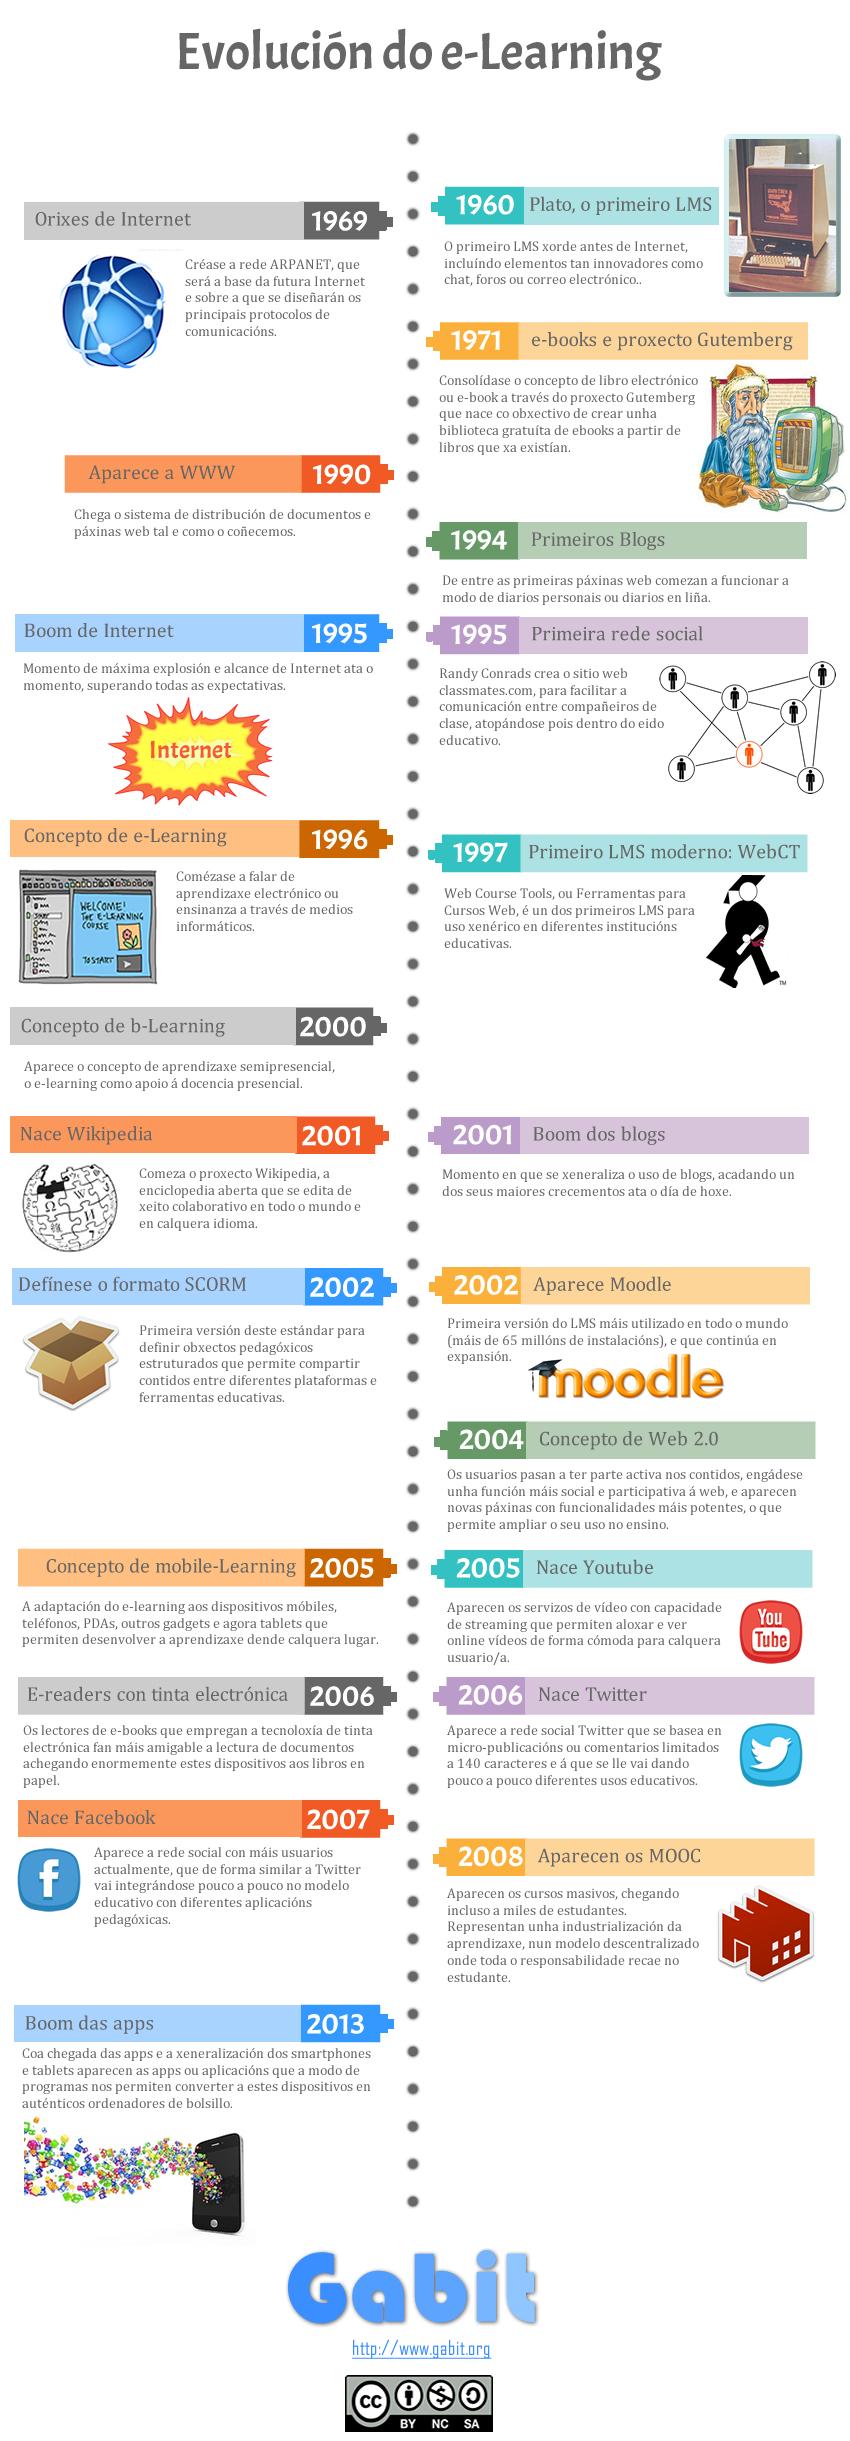 Infografía sobre a evolución do e-learning